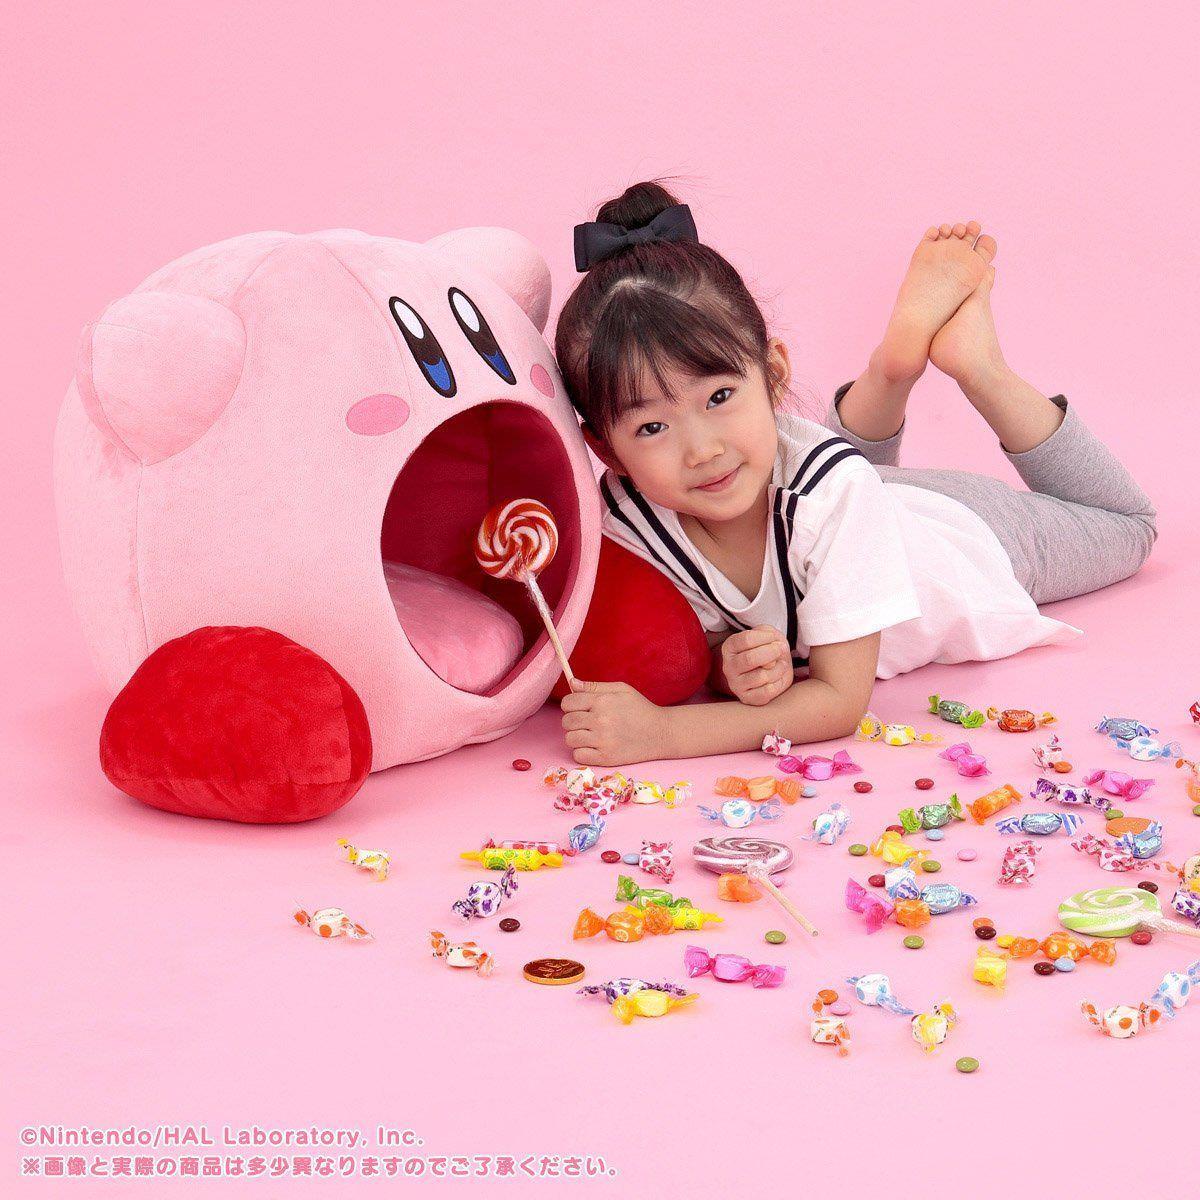 Kirby tyyny syö lapsukaisen ja karkit